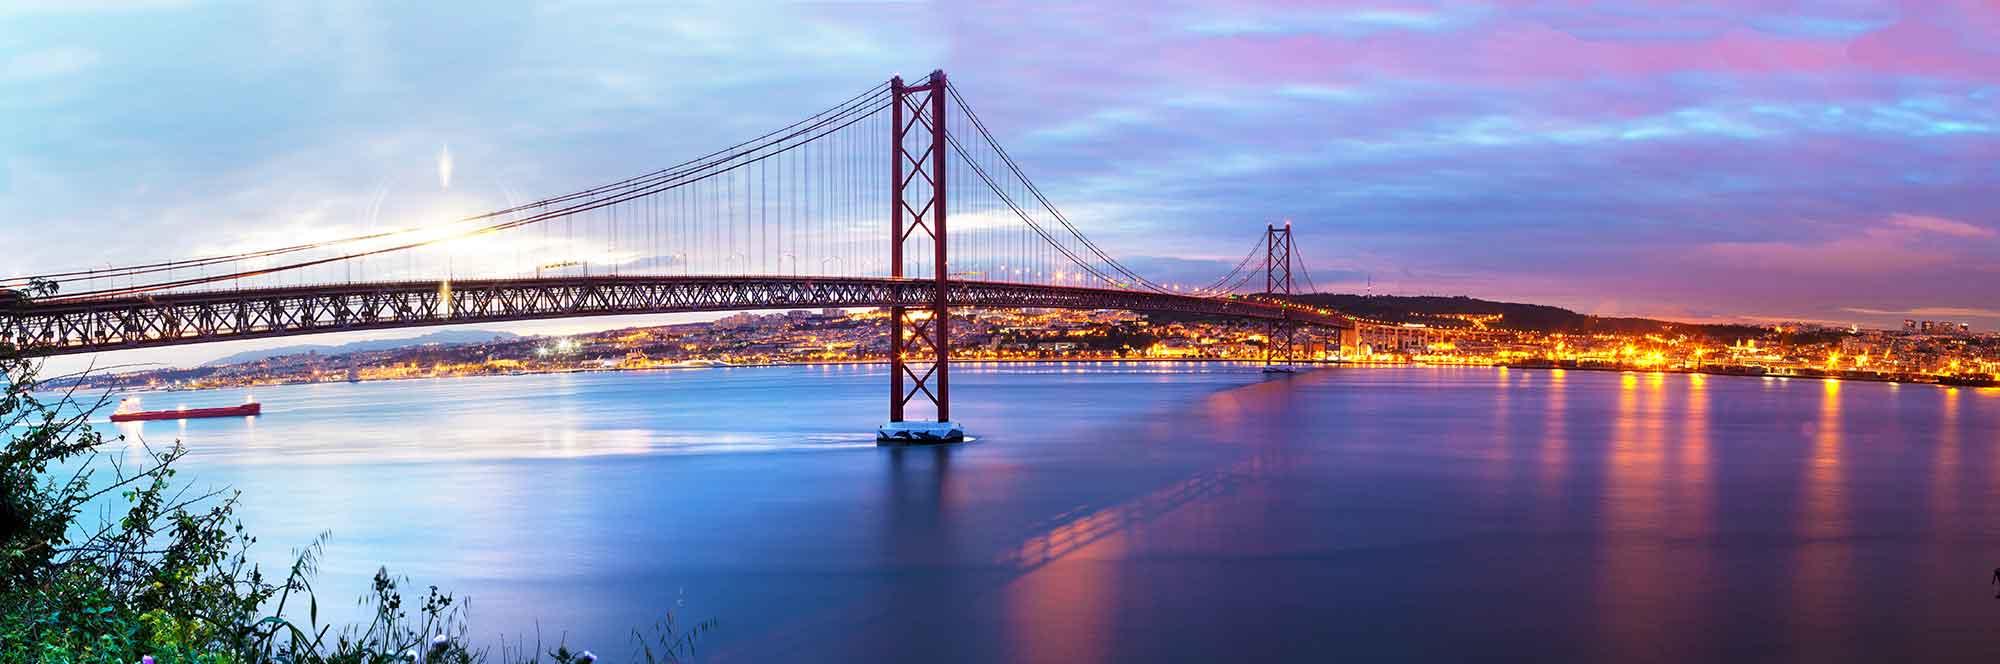 Portugal atrai imigrantes pelos baixos impostos e postura anti populista para o Financial Times